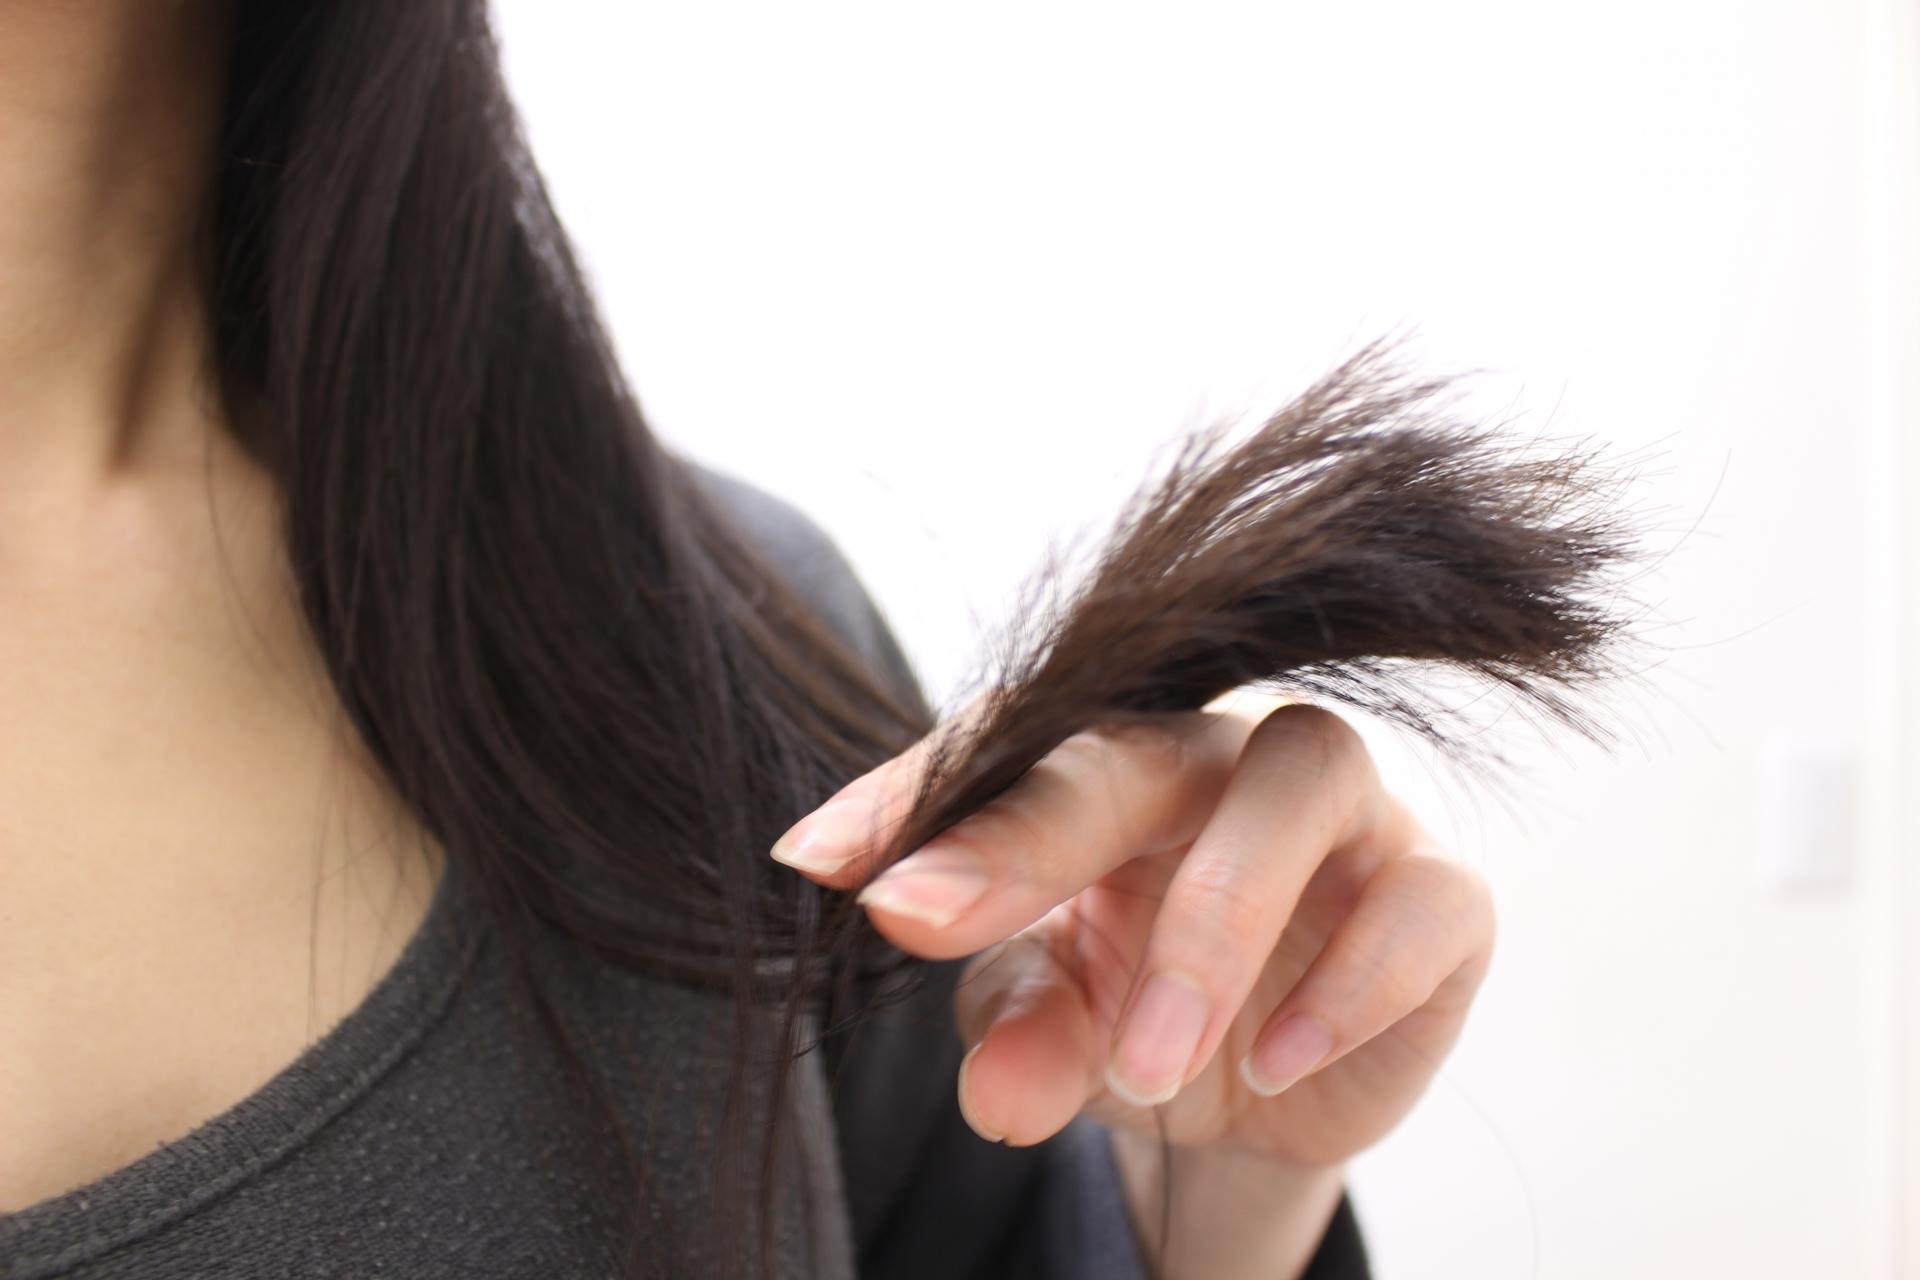 女性の髪の毛先